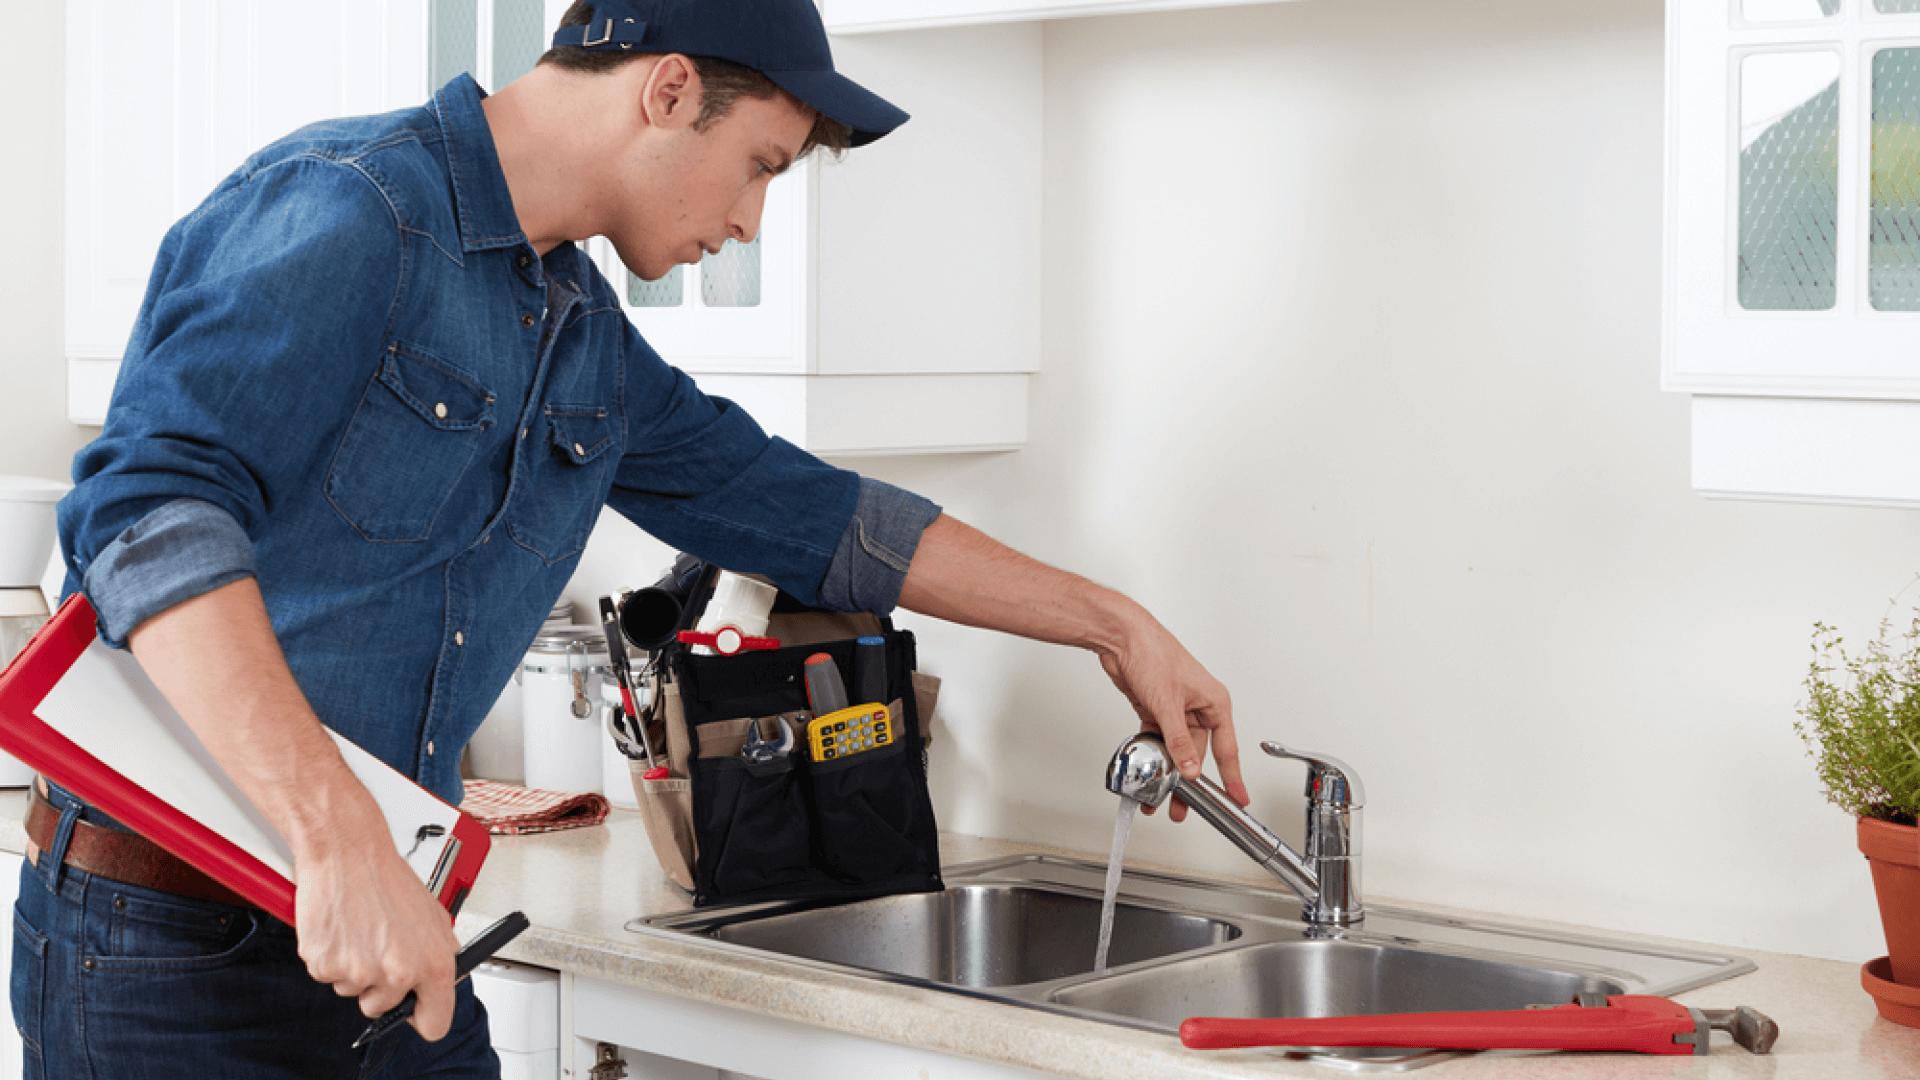 شركة نظافة عامة للمنزل بالرياض0533114231شركة نظافة عامة